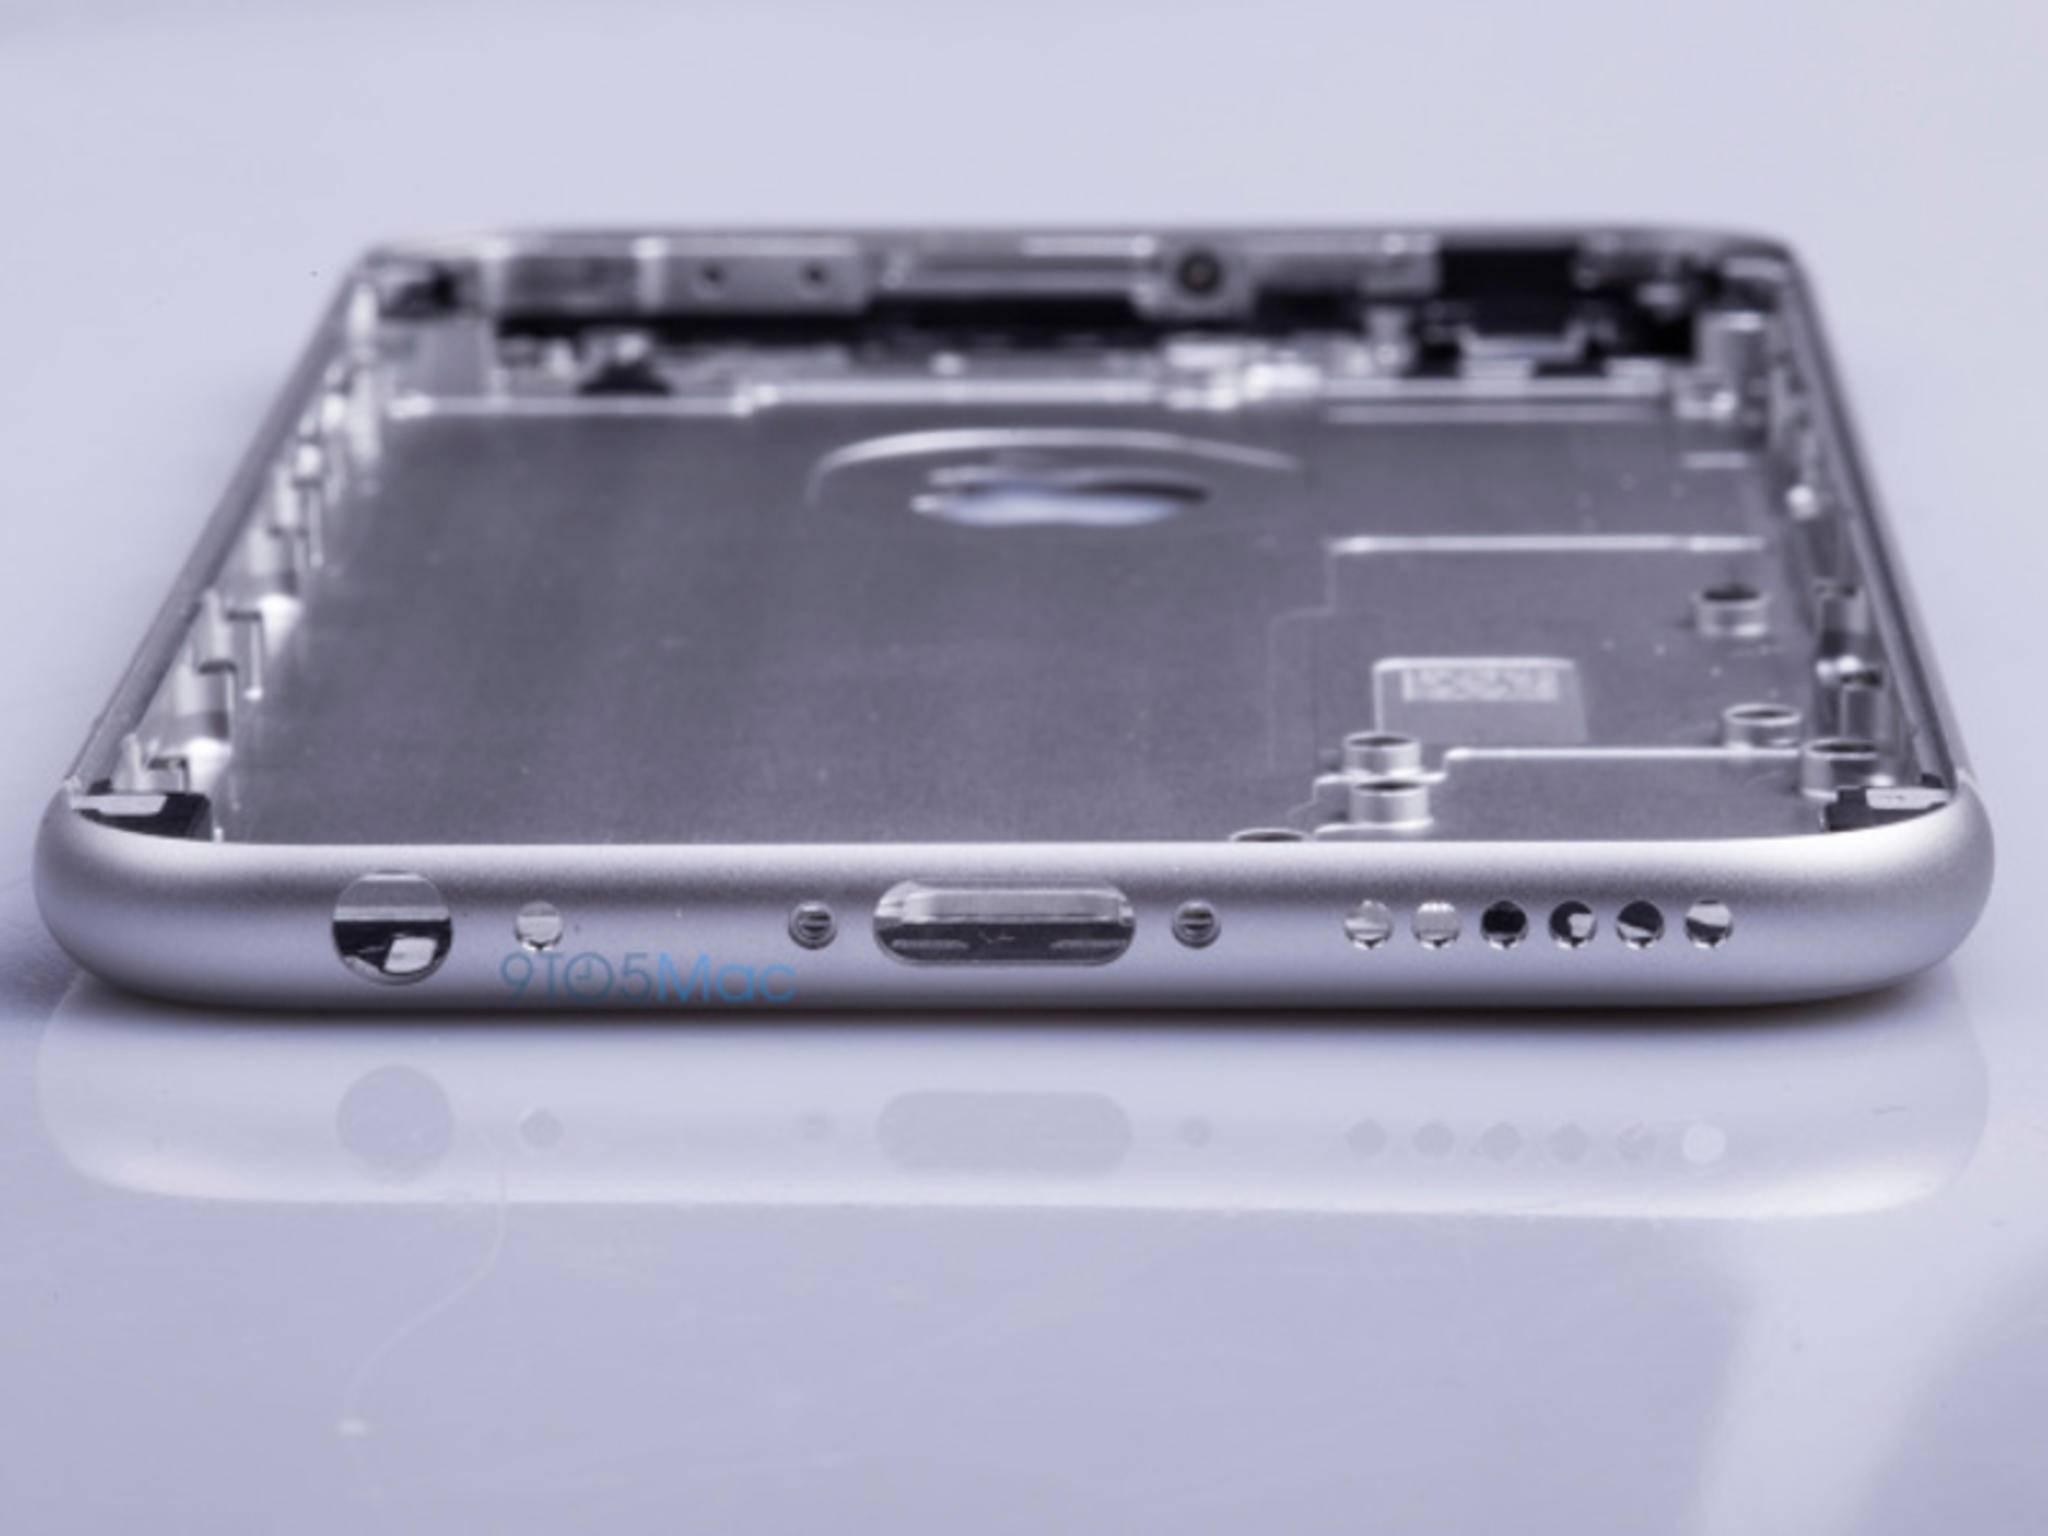 Das Gehäuse des kommenden iPhone 6s.